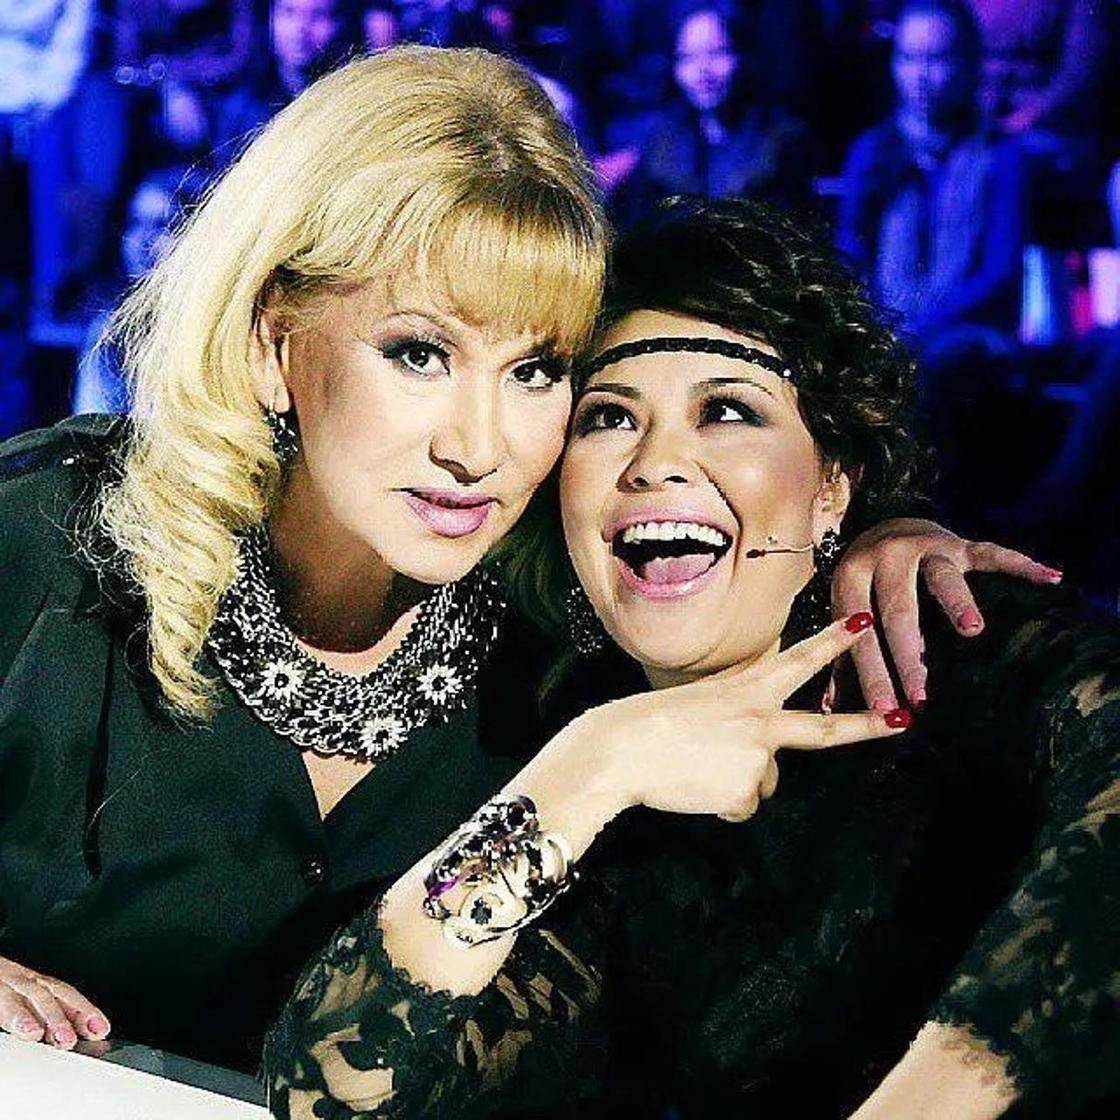 Нагима Ескалиева и Дильназ Ахмадиева. Фото: Instagram